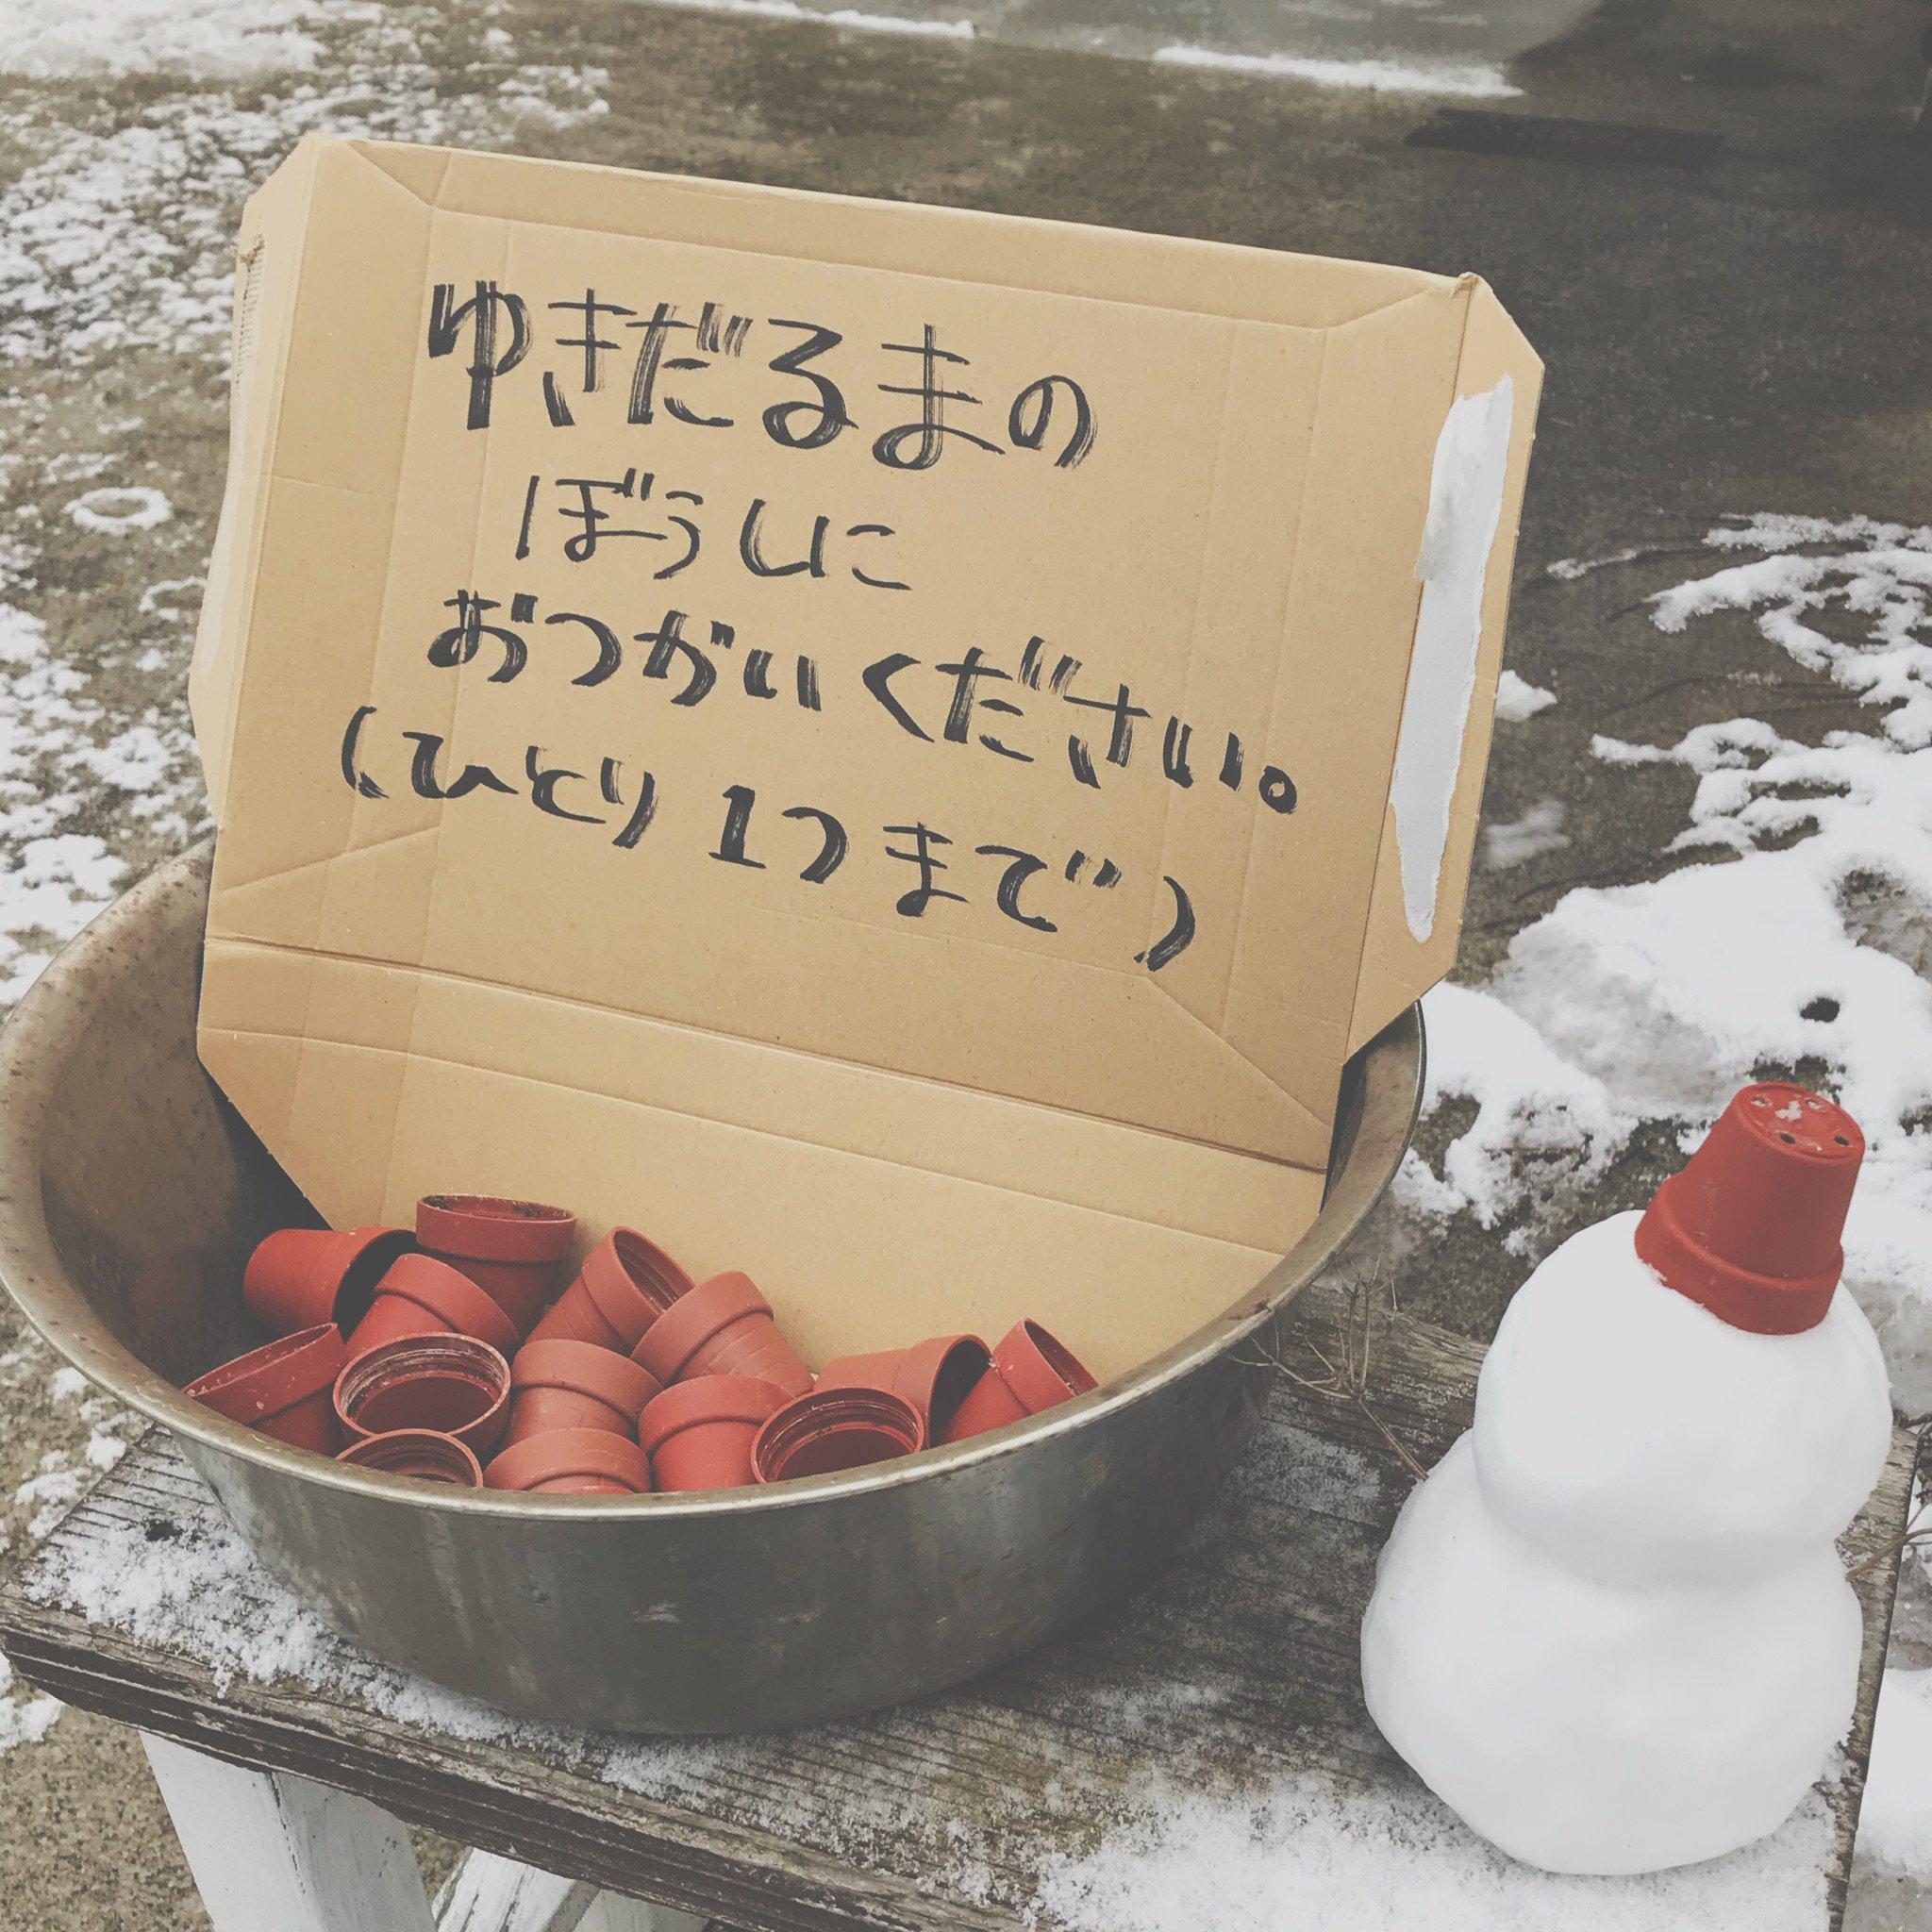 福岡雪つもってます。小さな植木鉢、子供たちが気づいて使ってくれたらいいなー。